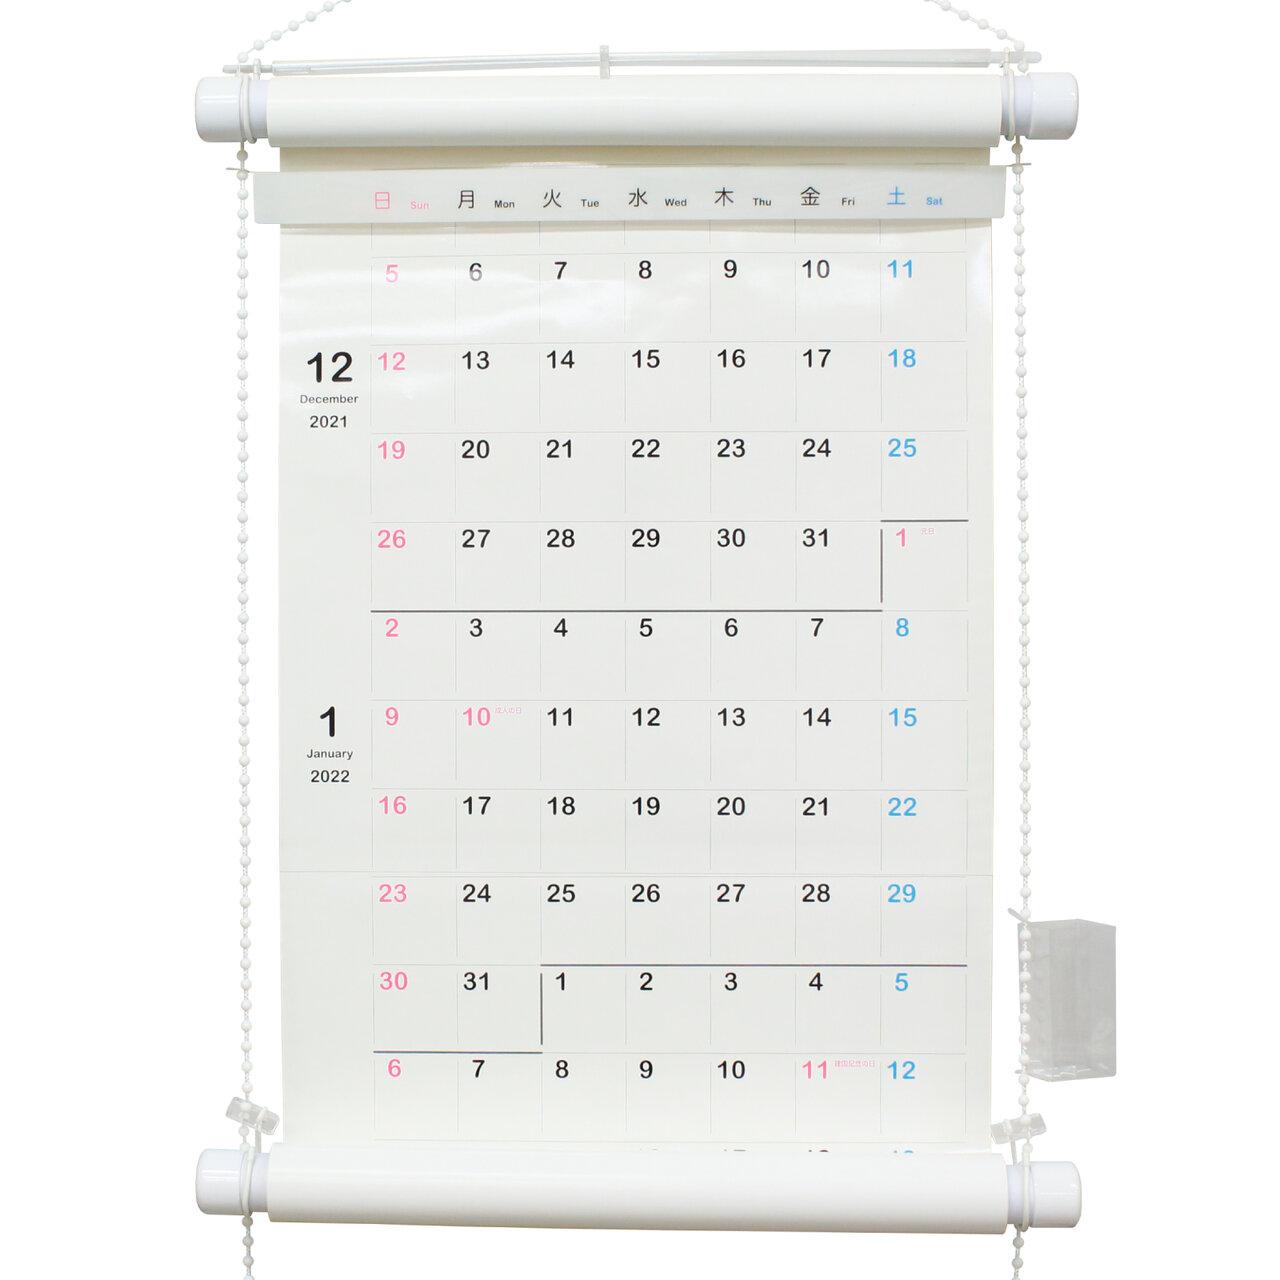 ホワイトボード×カレンダー⁉︎巻物型のロールカレンダーがイイかも